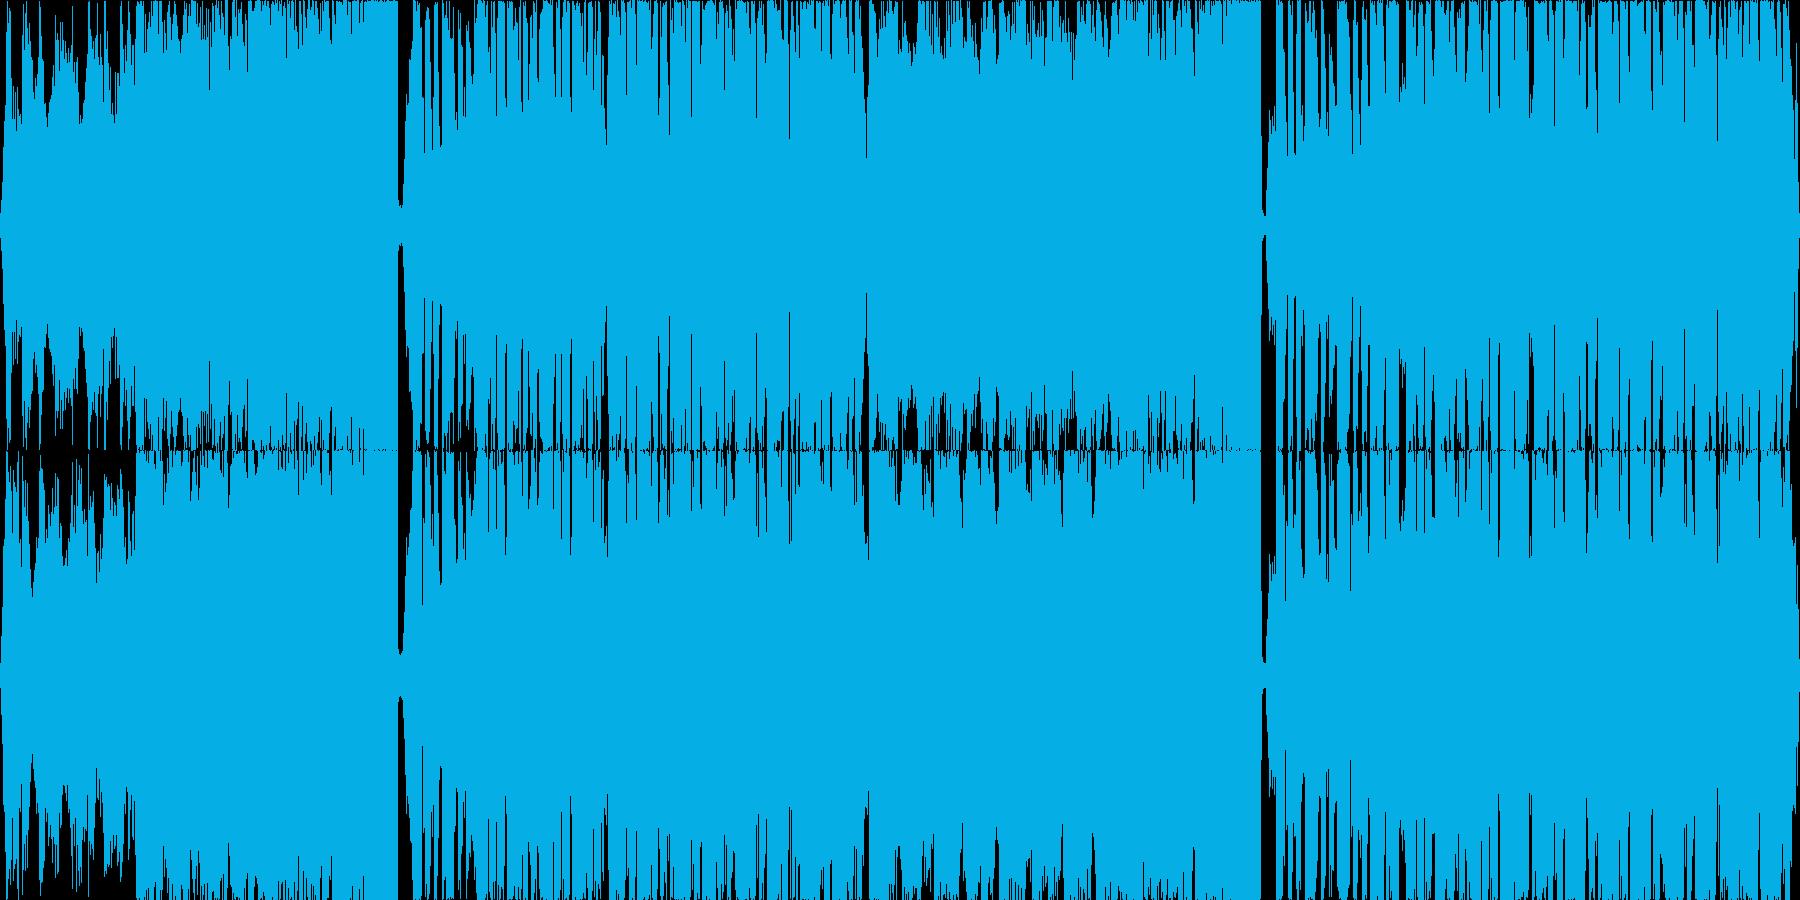 カットボーカルが印象的なエレクトロの再生済みの波形